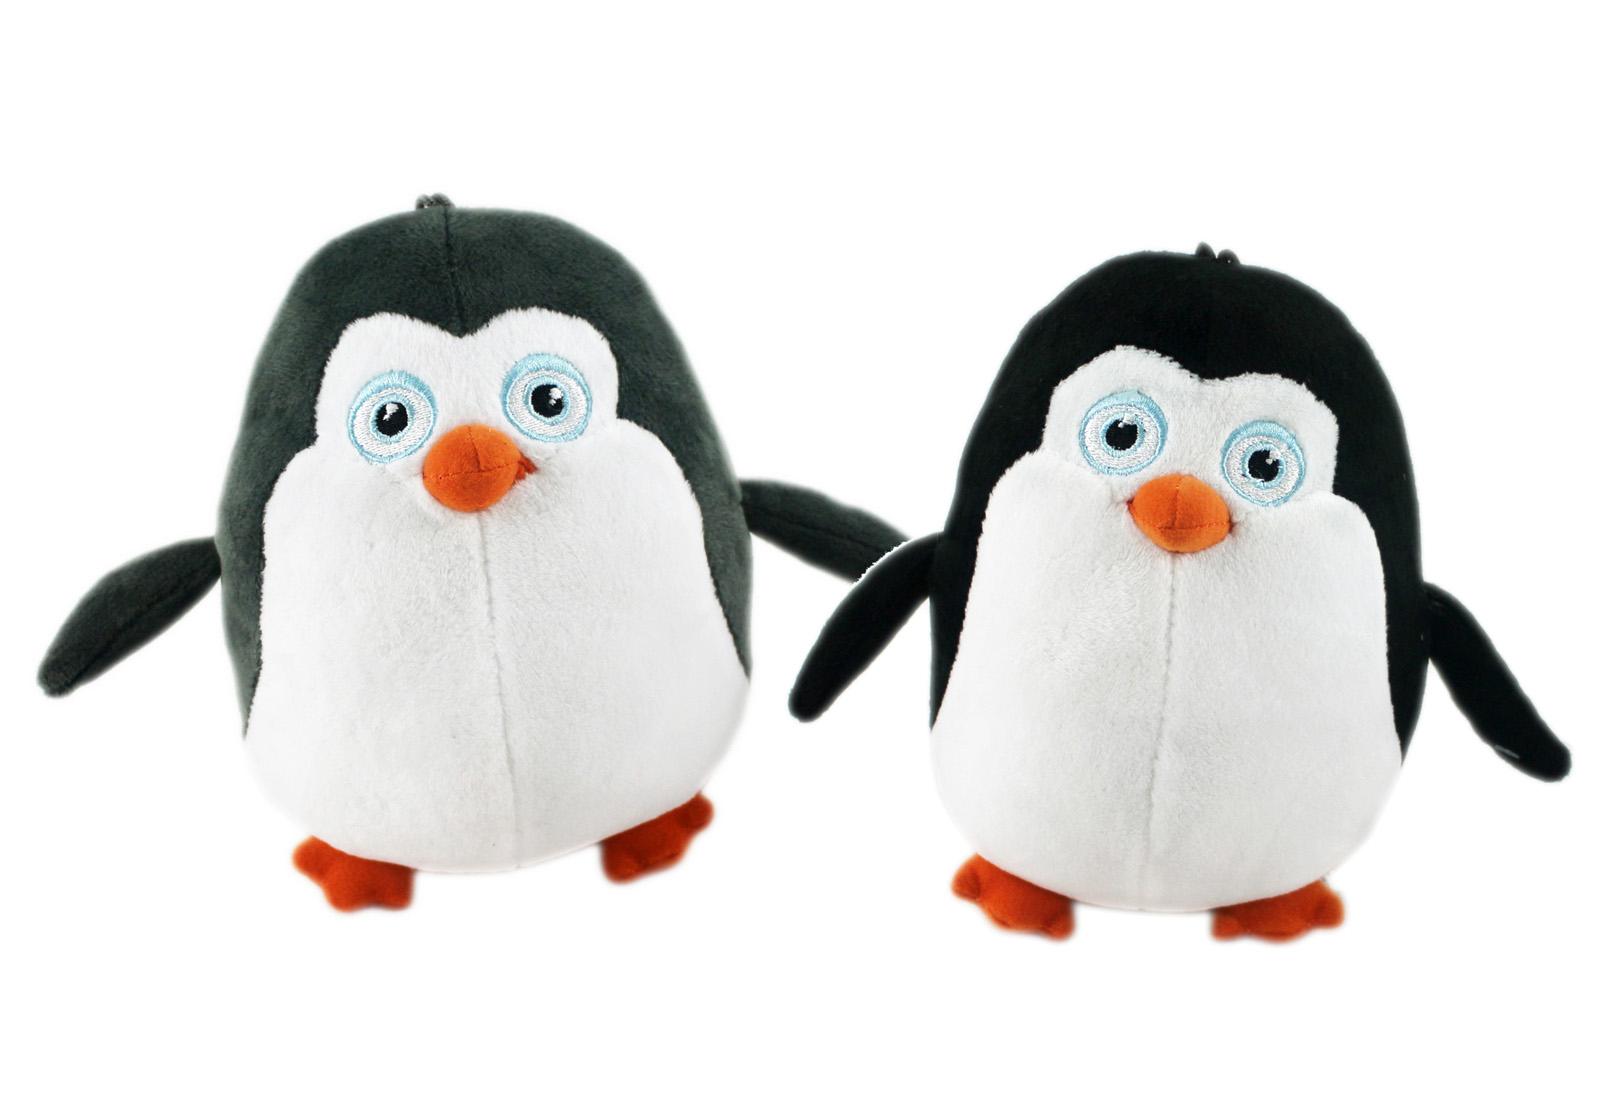 【卡漫城】 企鵝 絨毛 玩偶 20cm 二色選一 ㊣版 娃娃 布偶 馬達加斯加 爆走 吊飾 老大 菜鳥 佈置